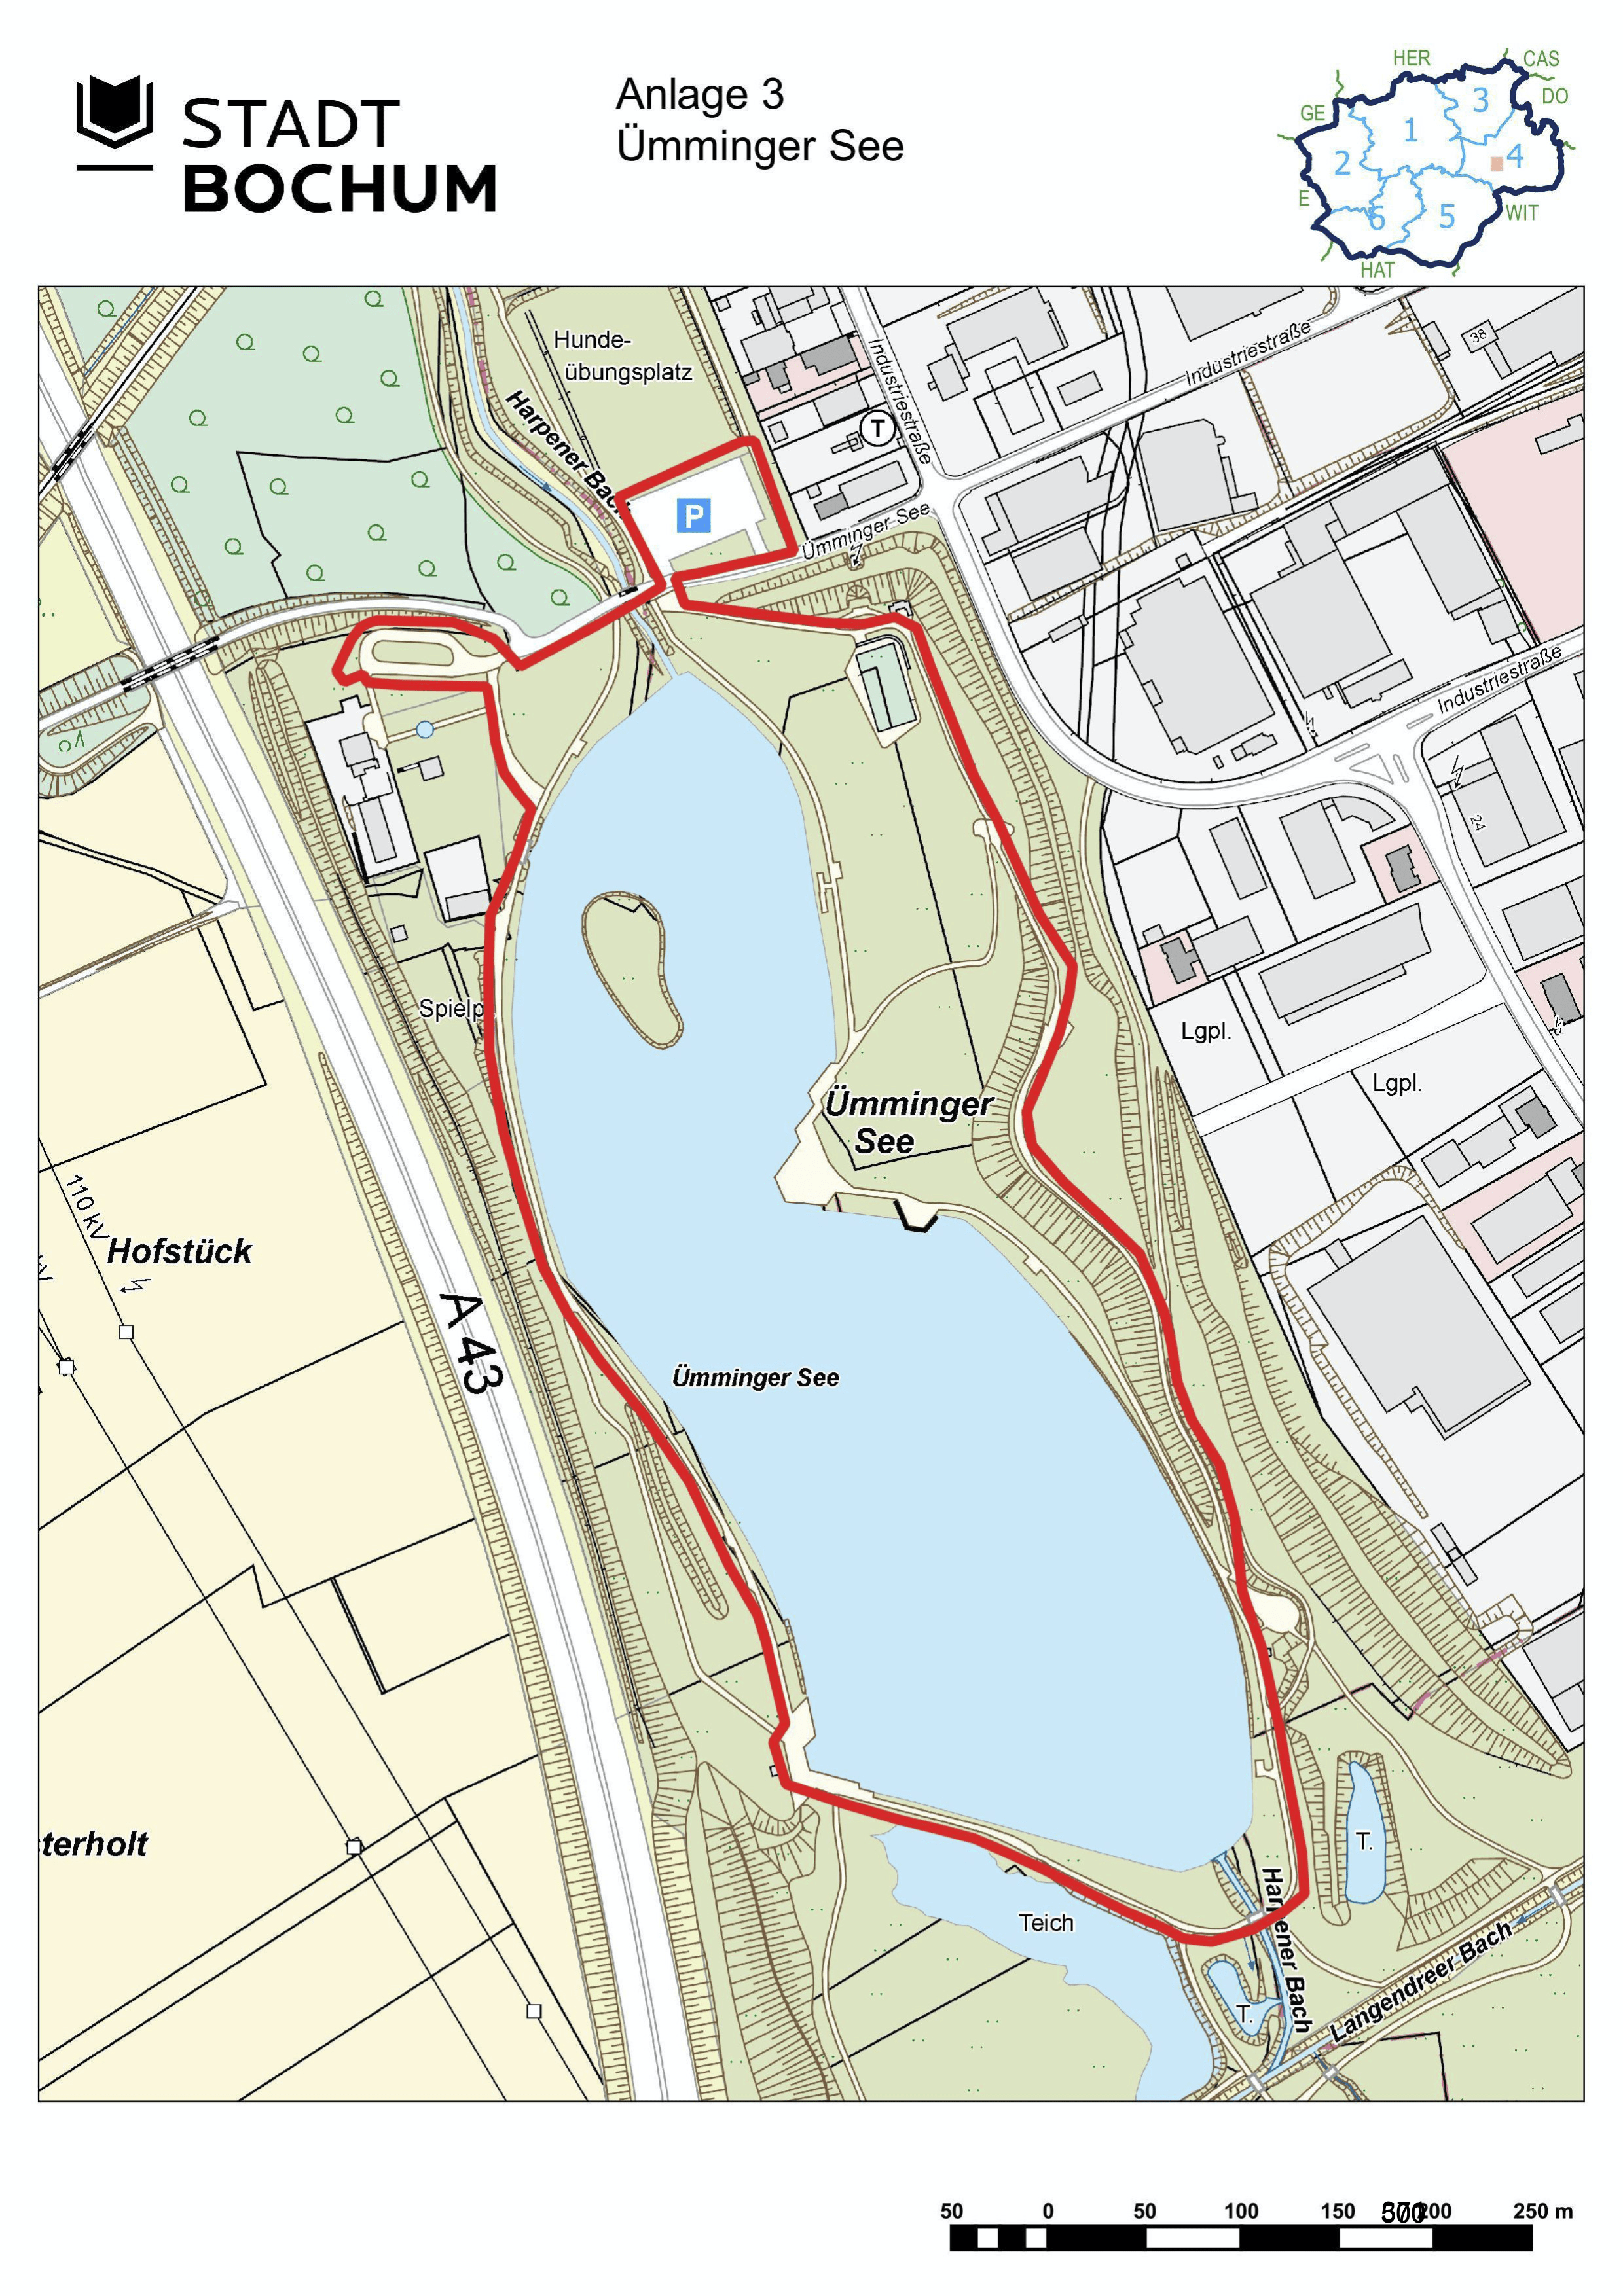 Anlage 3 (Ümminger See) der Sonderausgabe des Amtsblatts (28/2021)